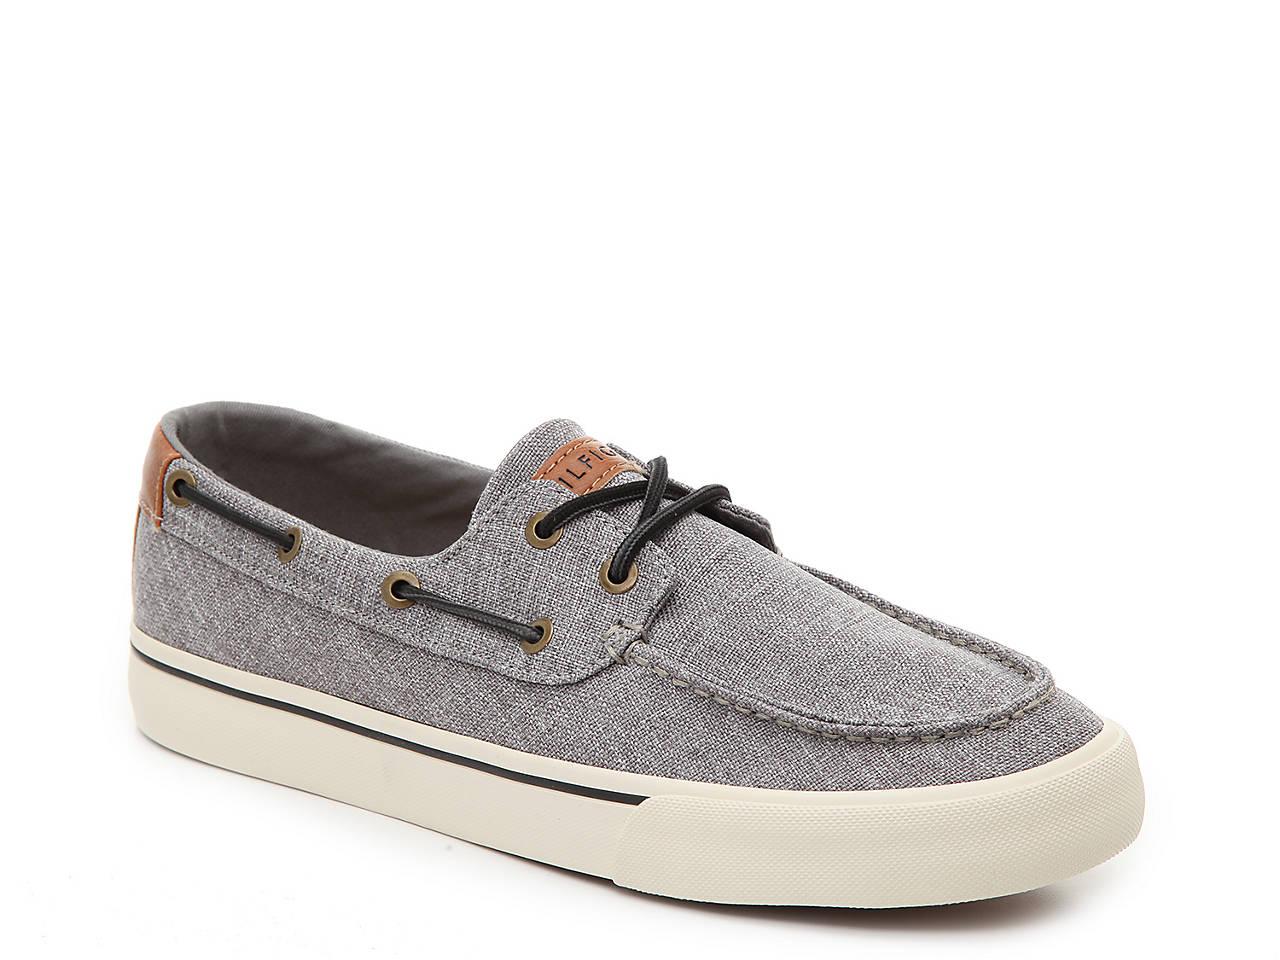 d13498289e7f4f Tommy Hilfiger Pharis Boat Shoe Men s Shoes